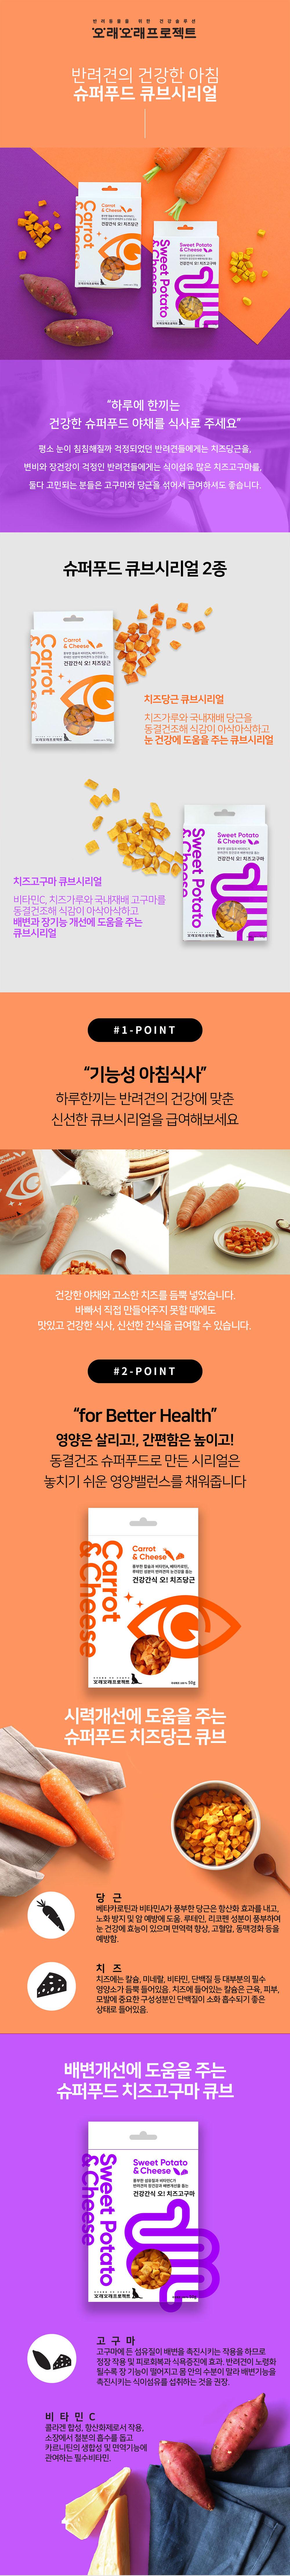 건강시리얼 슈퍼푸드 치즈당근큐브(200g) - 오래오래 프로젝트, 24,000원, 간식/영양제, 수제간식